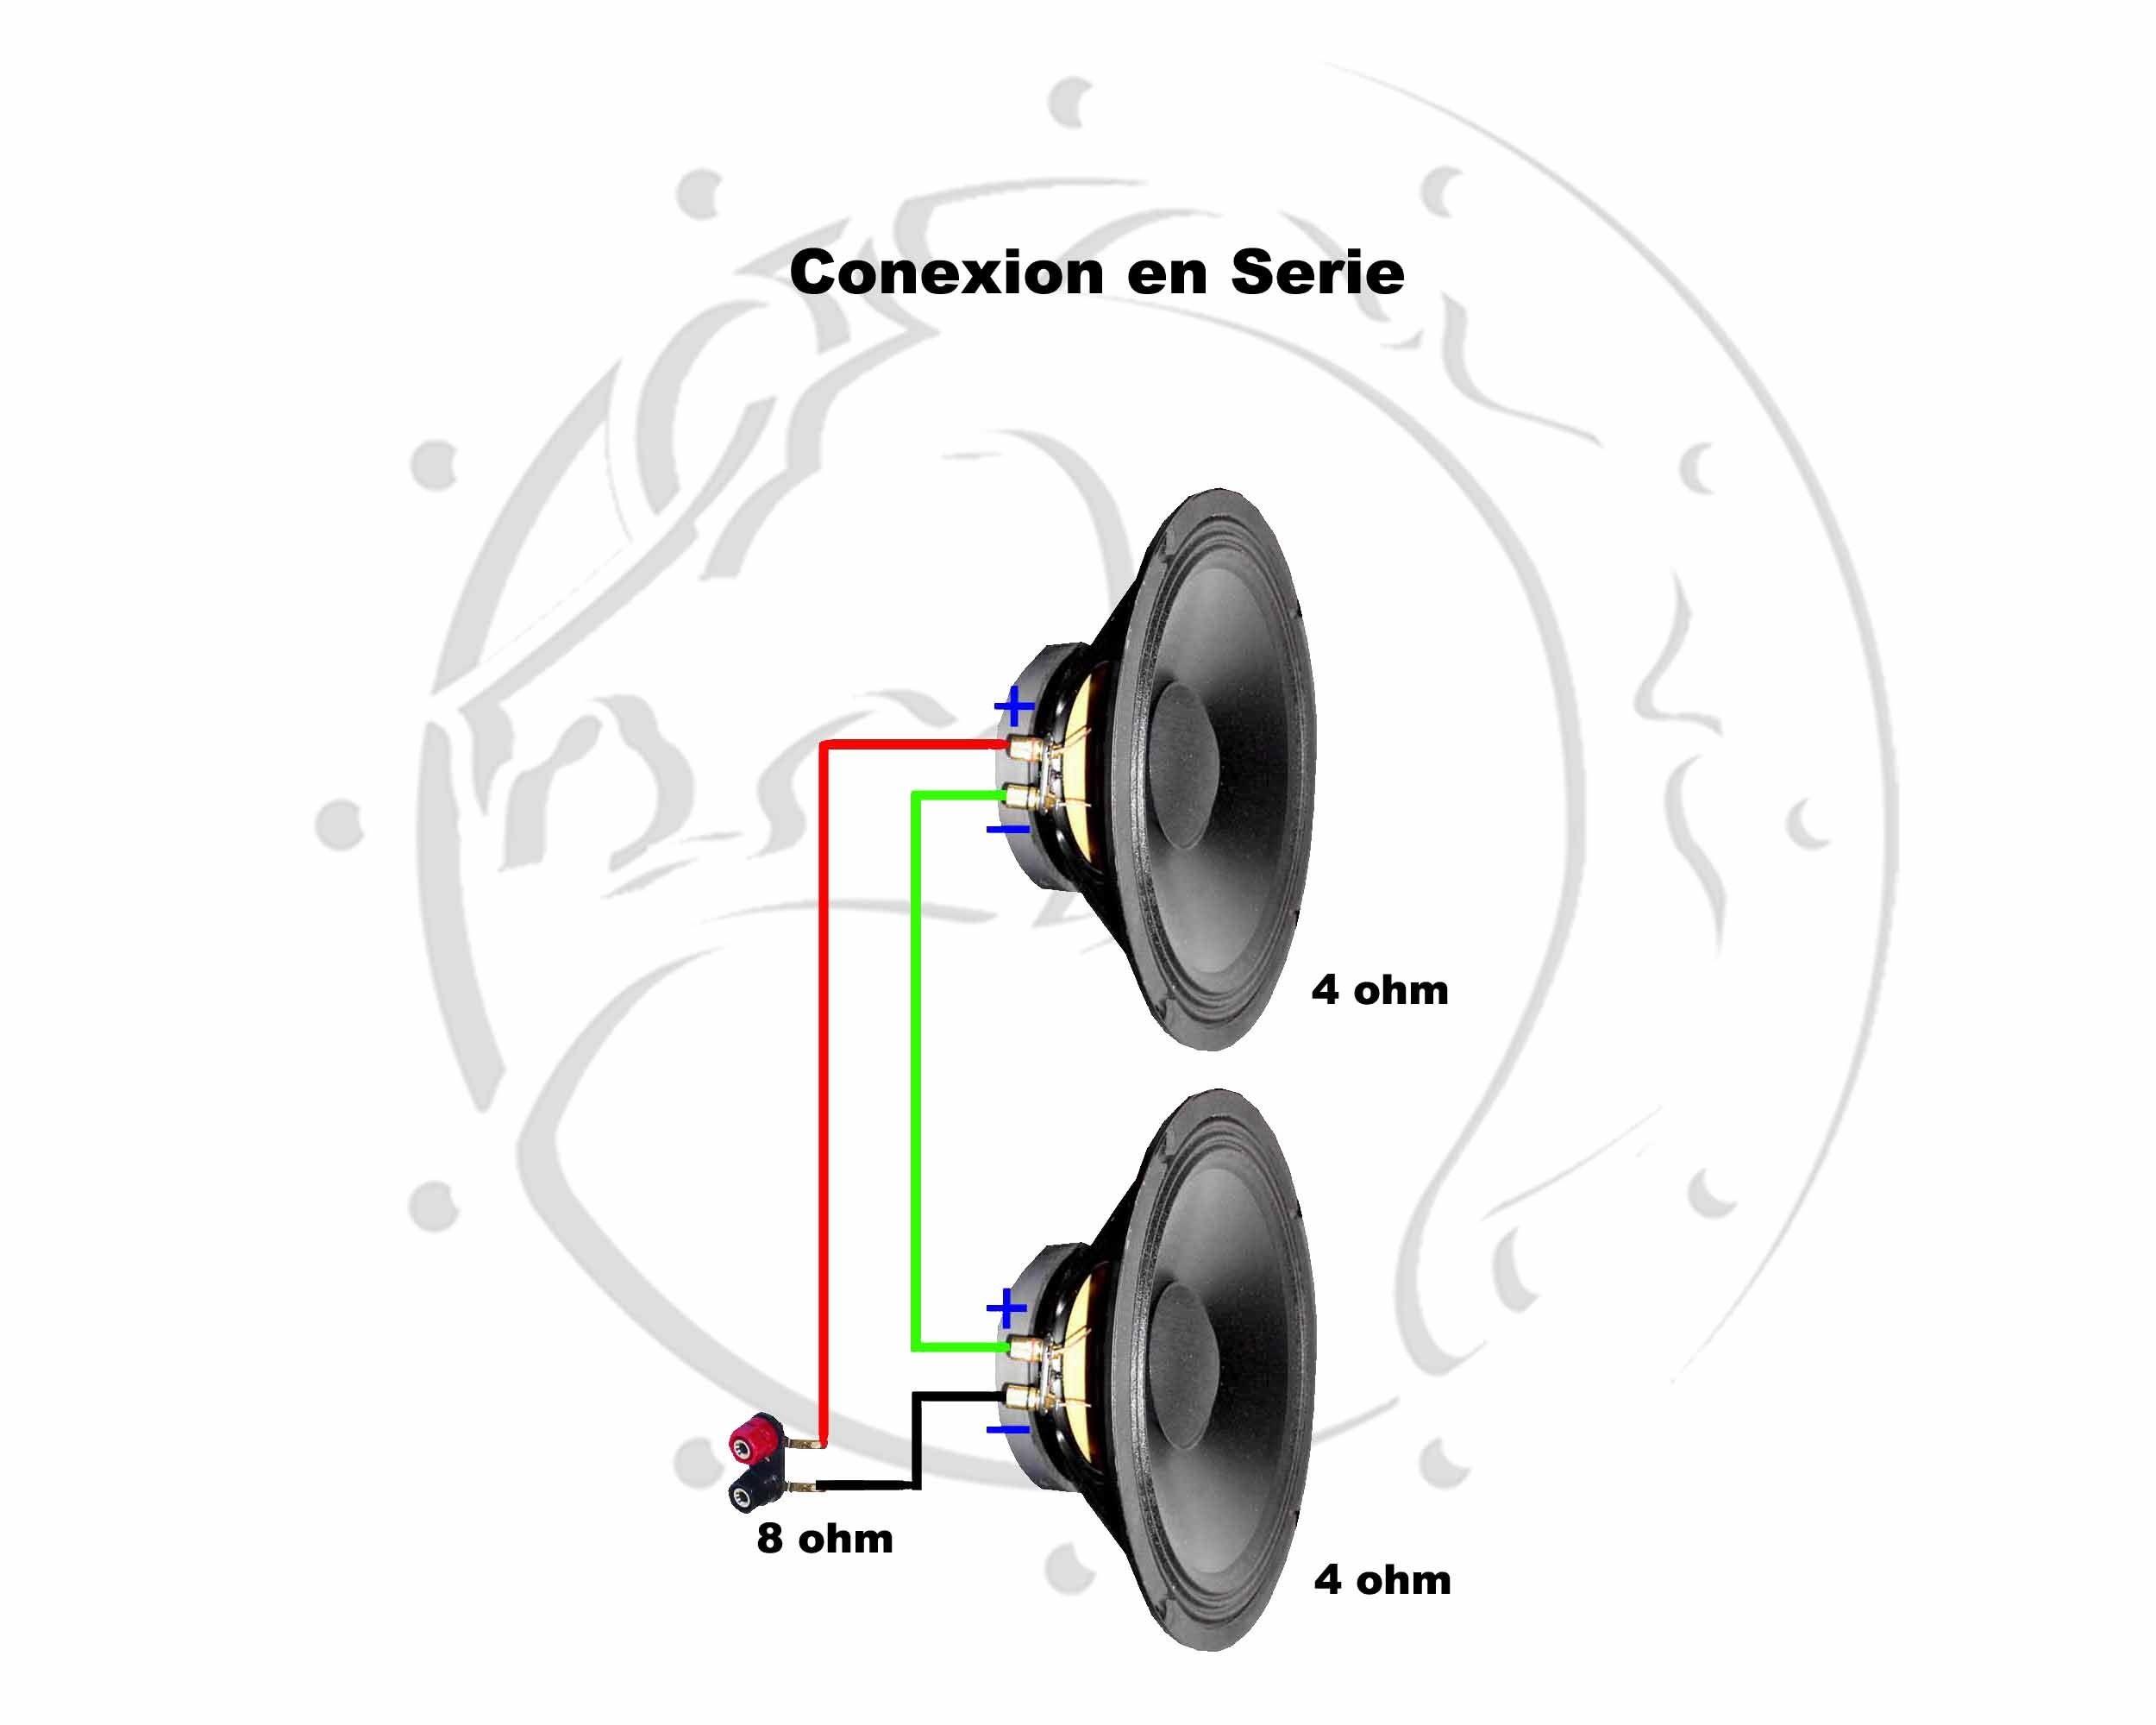 Conexiones Muy Simples Para Parlantes Crossover Pasivo Parlantes Audio De Automóviles Crossover Pasivo